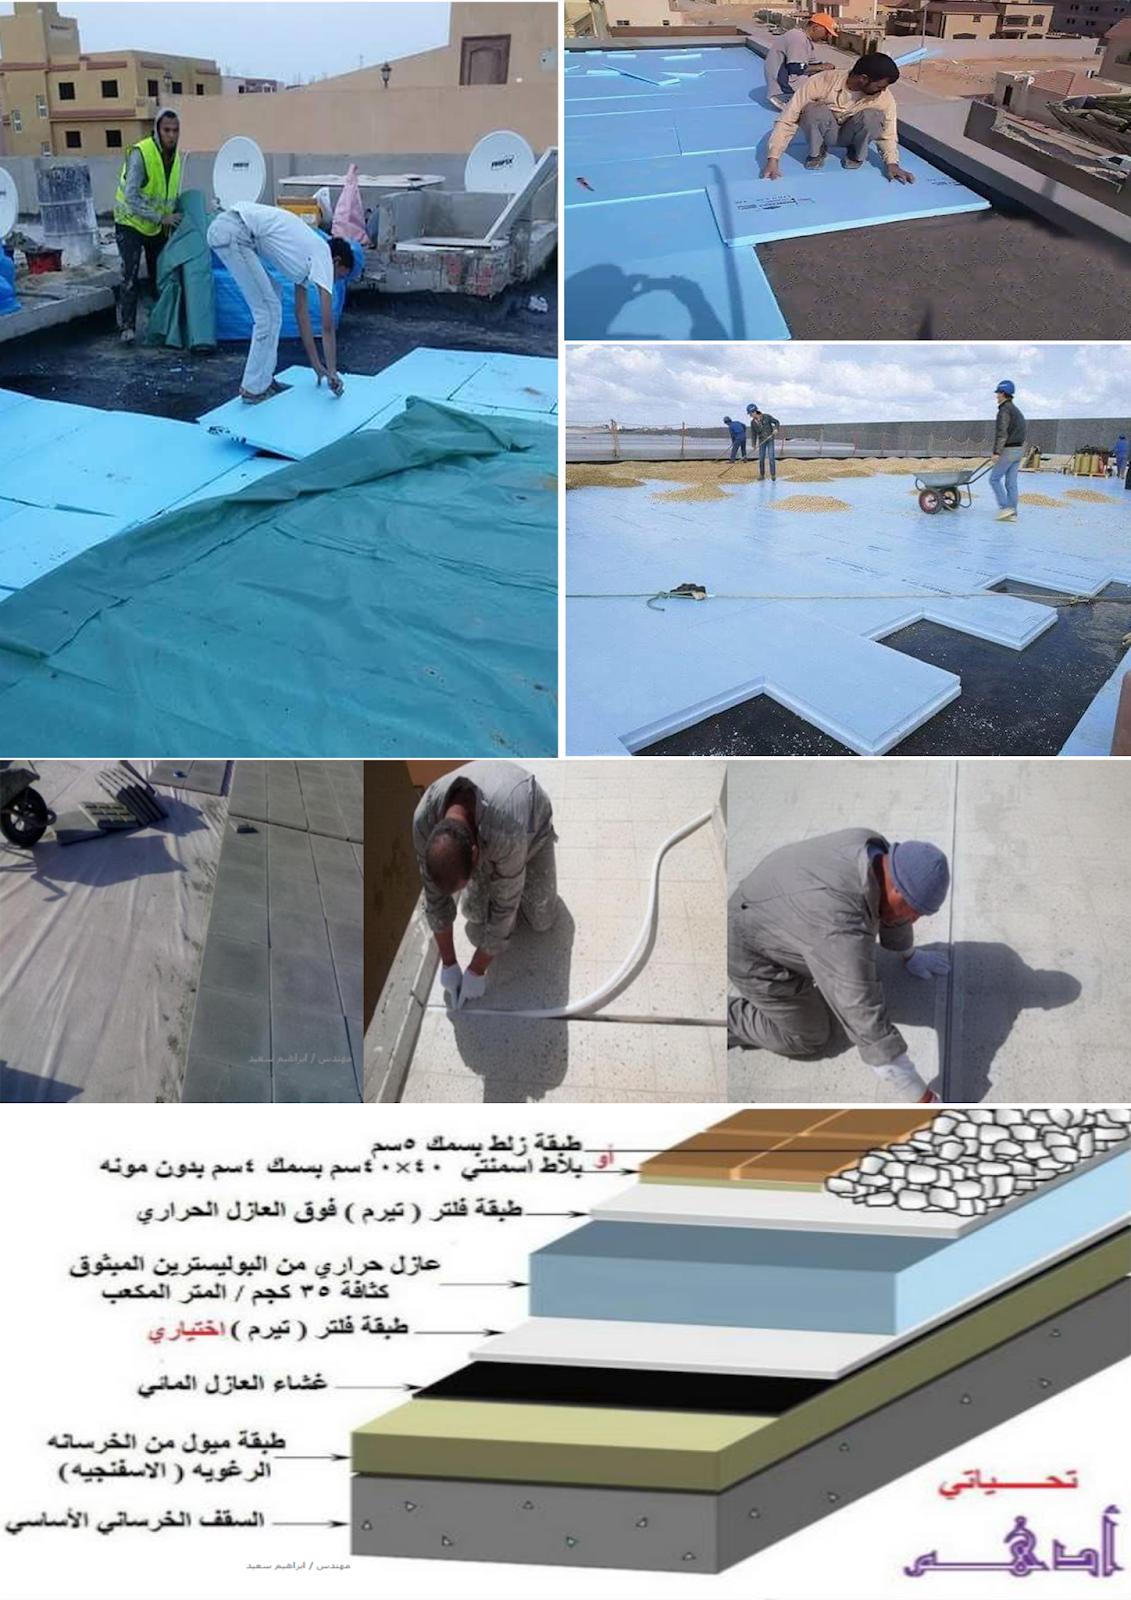 """عزل الحرارة باستخدام الفوم """" البولي سترين """" polystyrene foam تنفيذ العزل الحرارى للاسطح"""